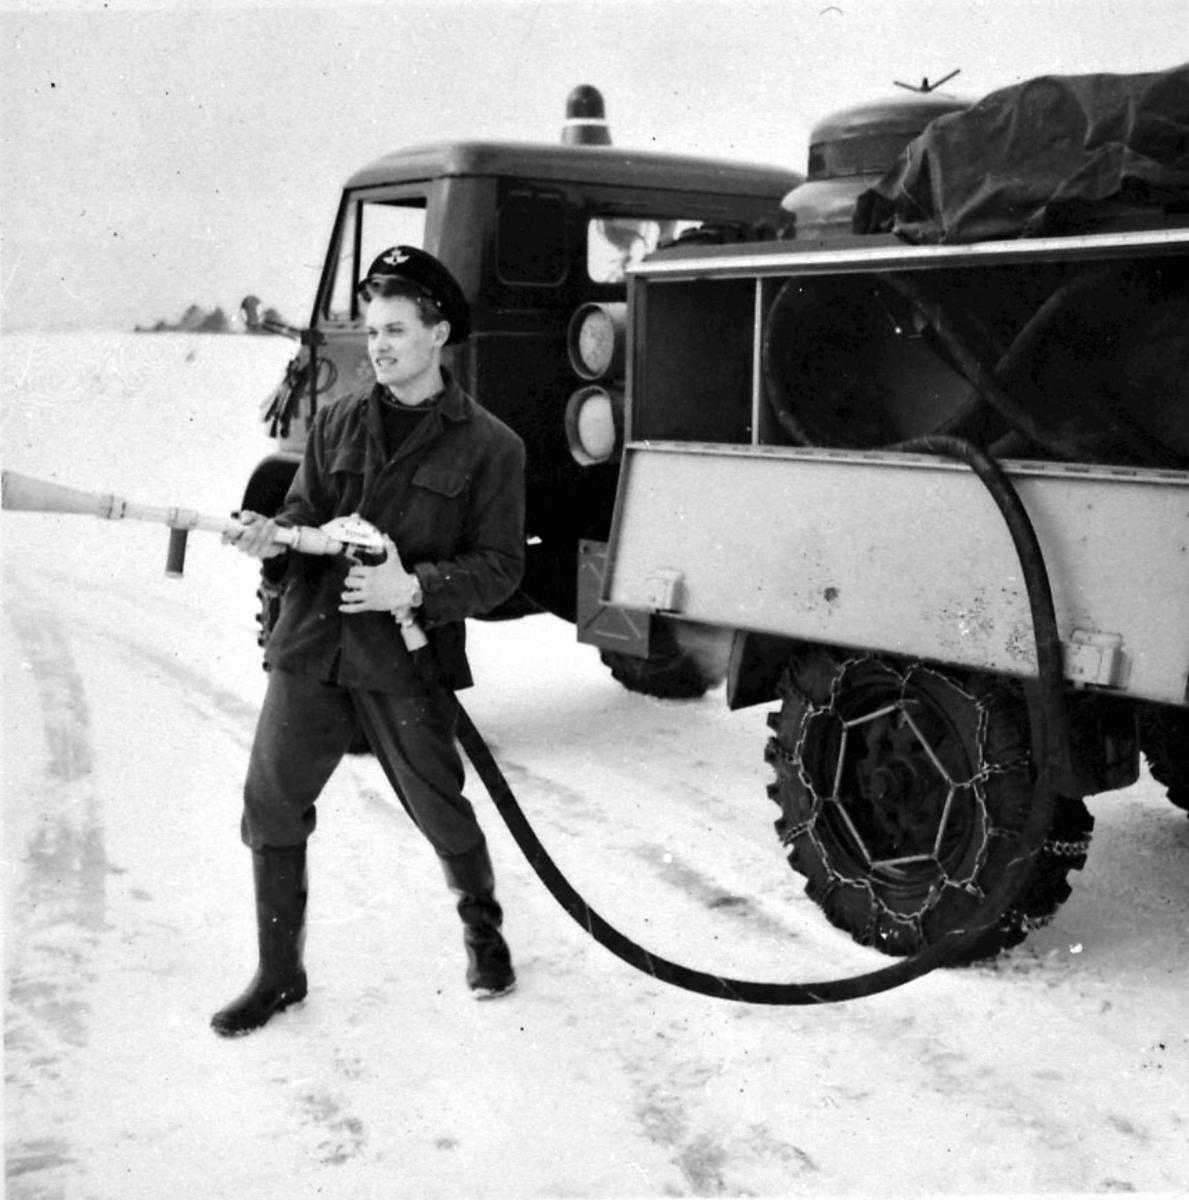 Lufthavn, 1 Større kjøretøy, brannbil. Portrett 1 personer i uniform, står og betjener vannslange fra brannbilen. Snø på bakken.